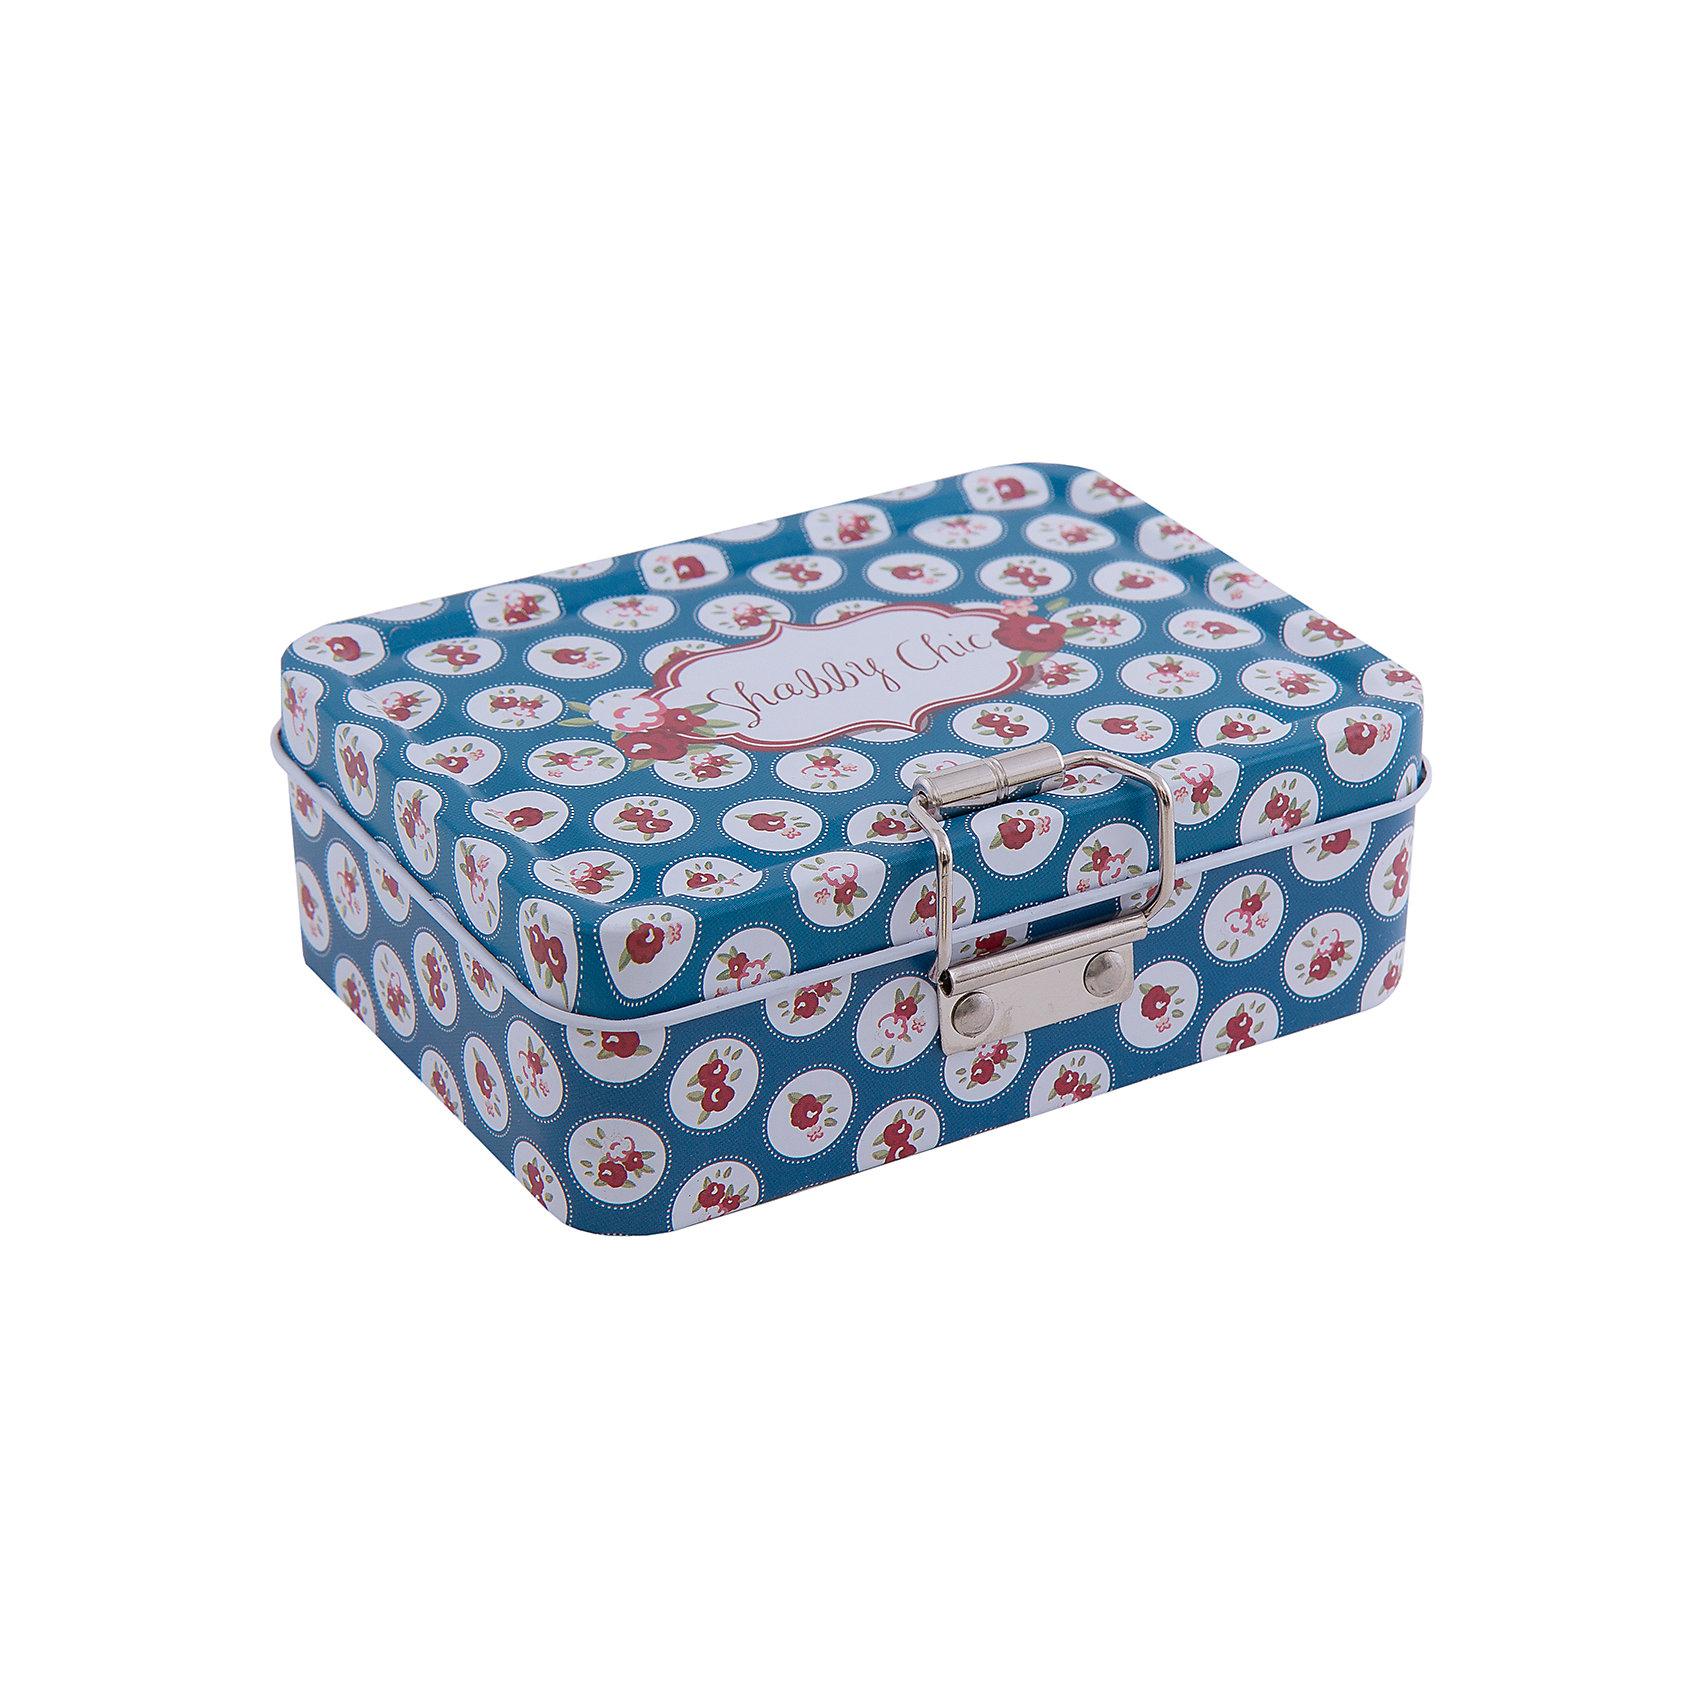 Коробка для безделушек и мелочей Шебби шик синяя (12.5*9*4см)Предметы интерьера<br>Коробка для безделушек и мелочей Шебби шик синяя изготовлена из металла, закрывается крышкой и застежкой, есть съемное отделение. Коробка украшена симпатичным рисунком, достаточно вместительная и отлично подойдет для хранения небольших вещей. Такая коробка приятно дополнит интерьер комнаты или станет восхитительным подарком близкому человеку.<br><br>Дополнительная информация:<br>Дополнительное съемное отделение<br>Материал:  металл<br>Размер: 12,5х9х4 см<br>Коробку для безделушек и мелочей Шебби шик синяя вы можете купить в нашем интернет-магазине.<br><br>Ширина мм: 310<br>Глубина мм: 460<br>Высота мм: 460<br>Вес г: 154<br>Возраст от месяцев: 84<br>Возраст до месяцев: 216<br>Пол: Унисекс<br>Возраст: Детский<br>SKU: 4957960